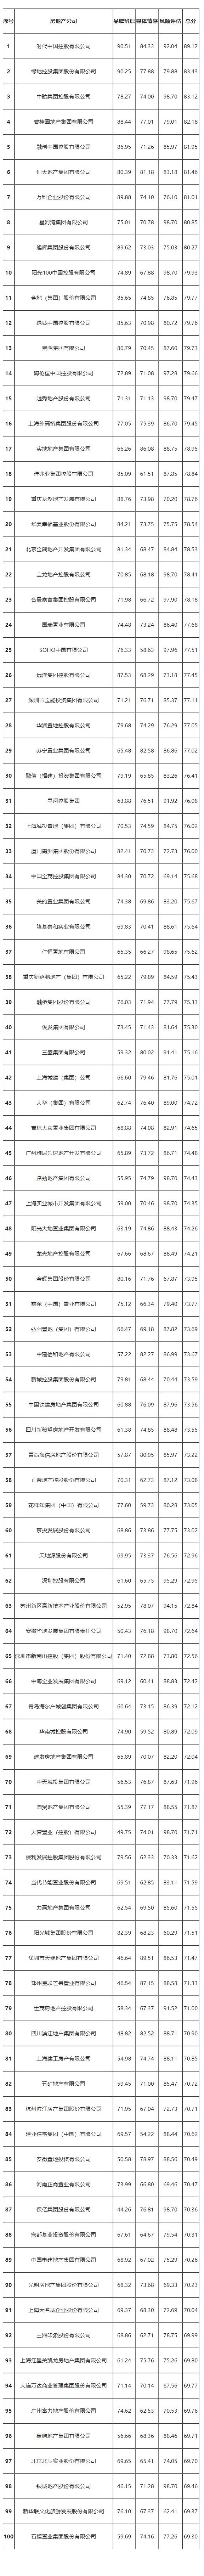 中國房地產公司8月指數發布